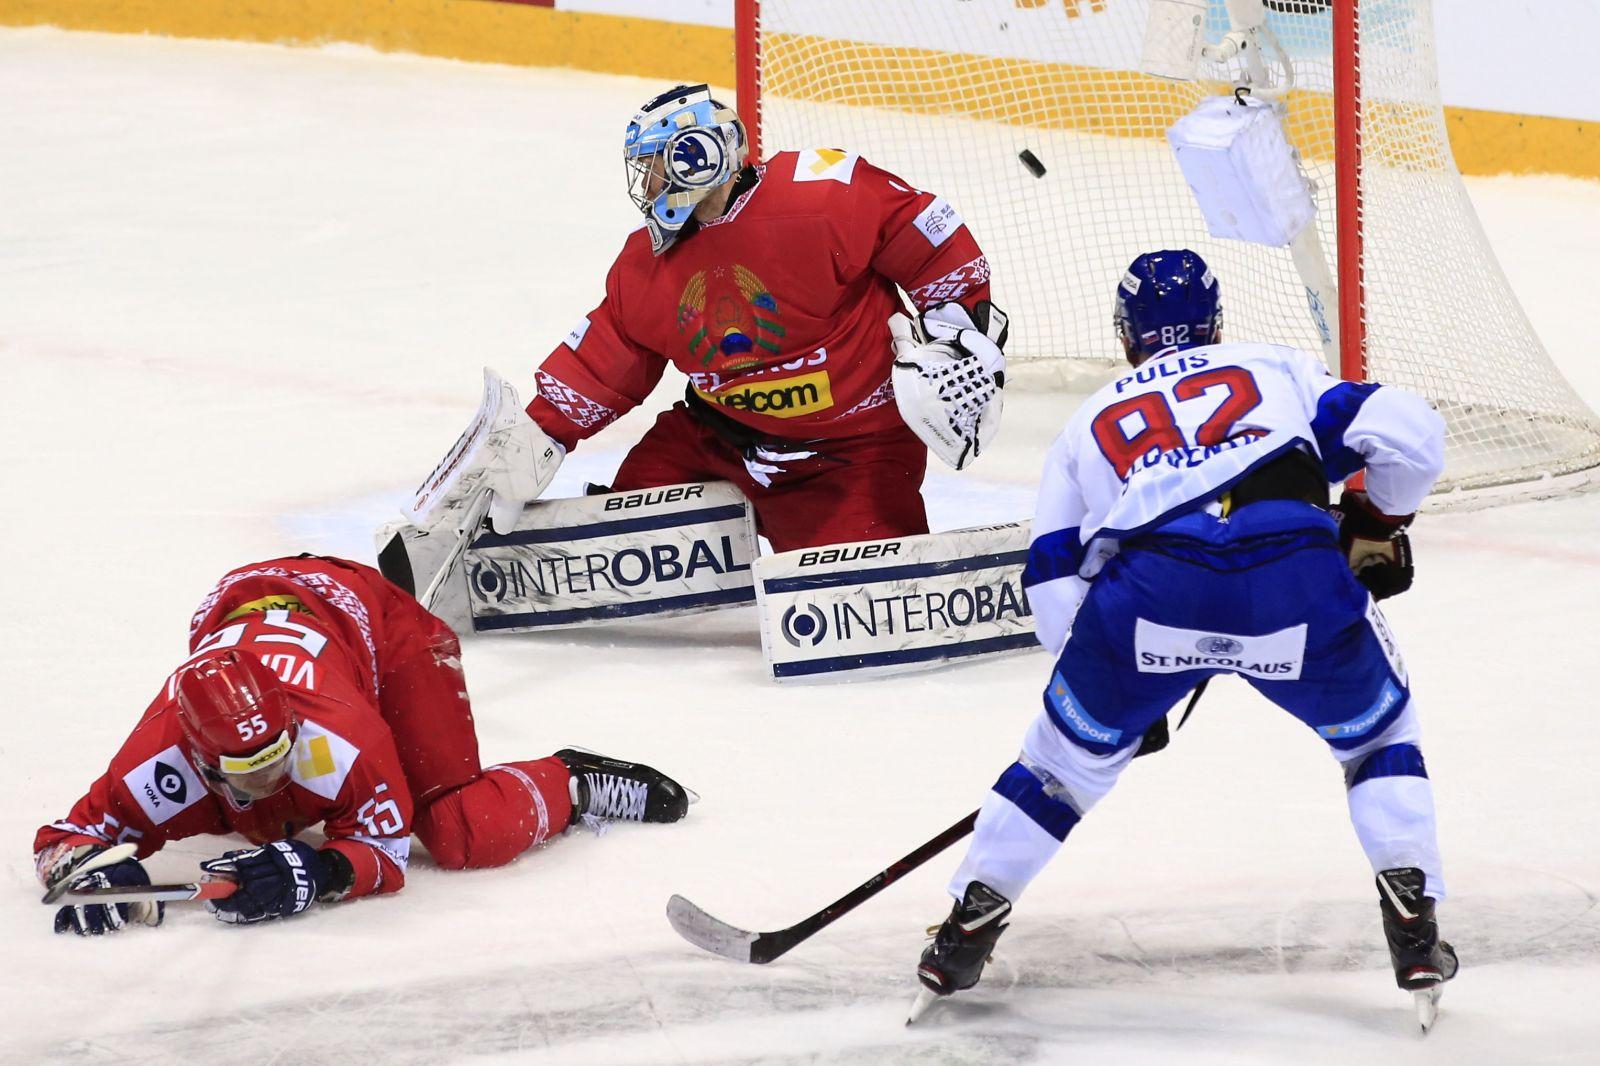 Napätá situácia v Bielorusku sa dotkne aj hokejových majstrovstiev. Lotyšsko so susedmi odmieta spoluorganizovať MS 2021